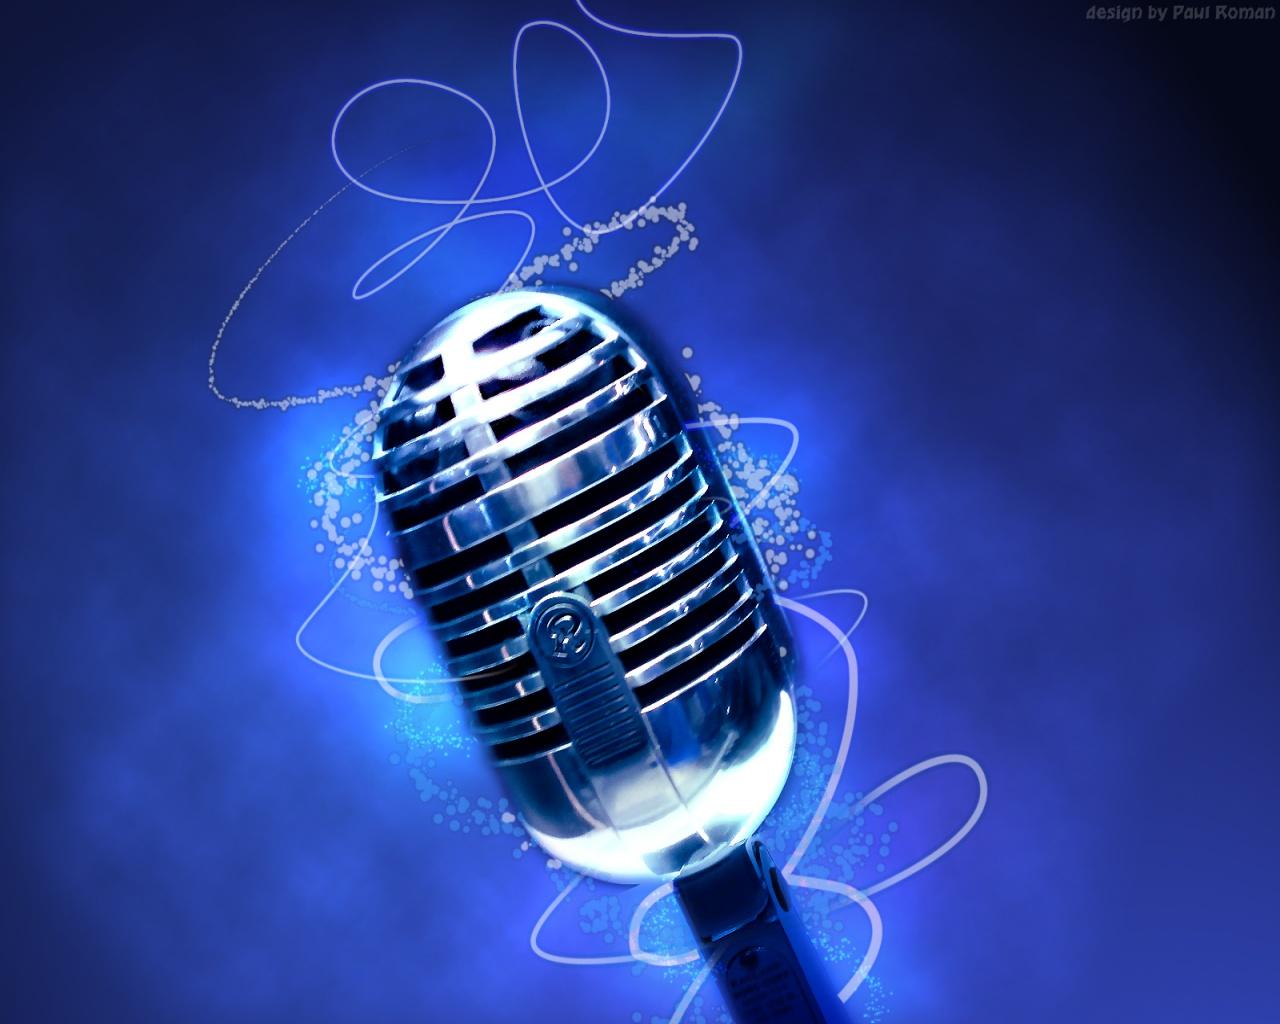 http://2.bp.blogspot.com/-Sy83YQKkoJY/Twq9rGCHJTI/AAAAAAAAACY/WUKMgKfYyb8/s1600/microphone_blue-1280x1024.jpg